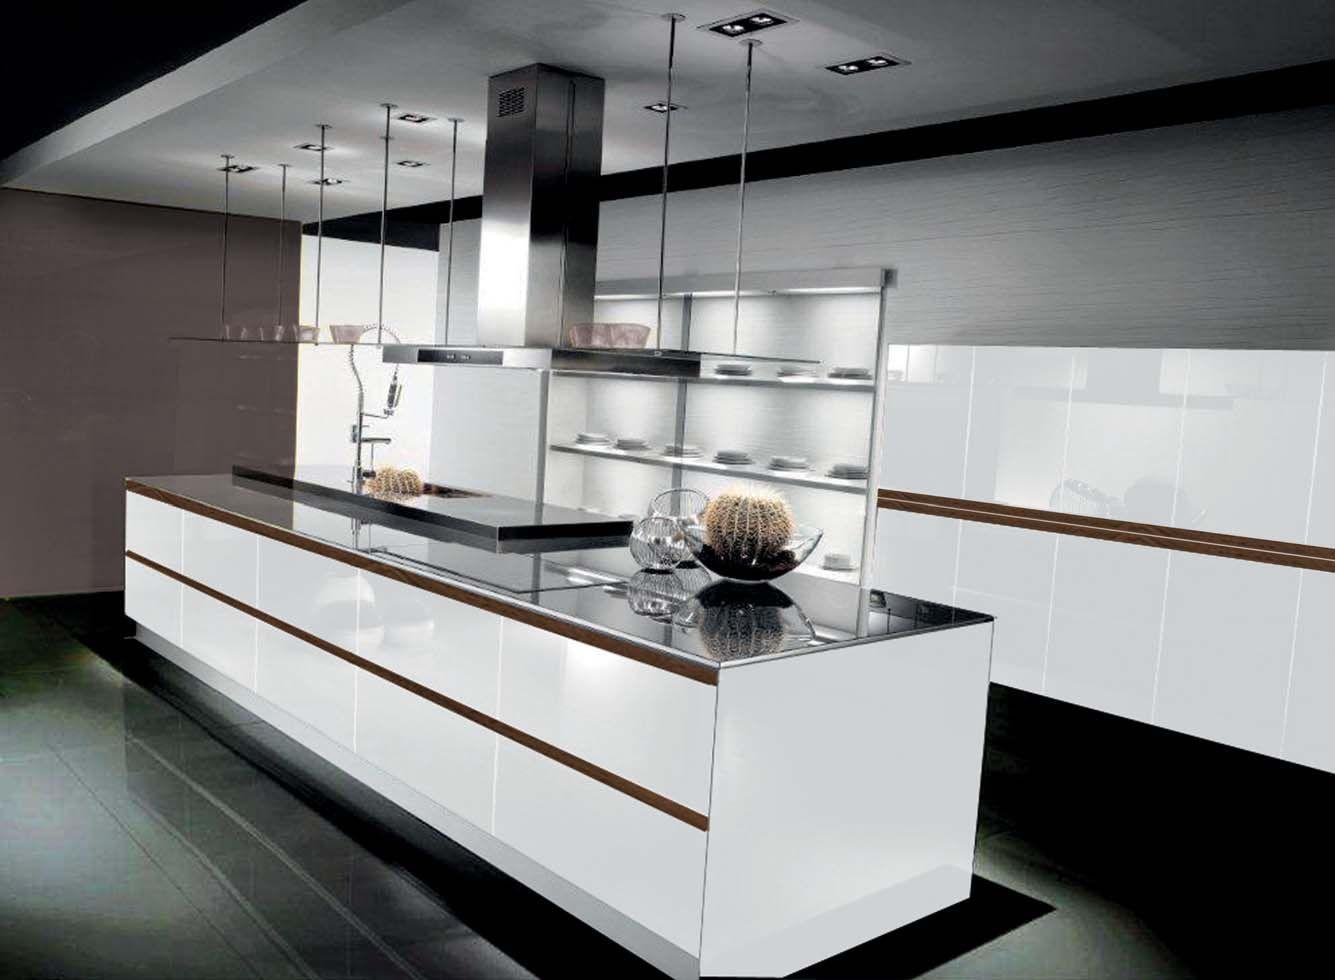 Cocina 81 cocinas capis dise o y fabricaci n de cocinas for Configurador cocinas